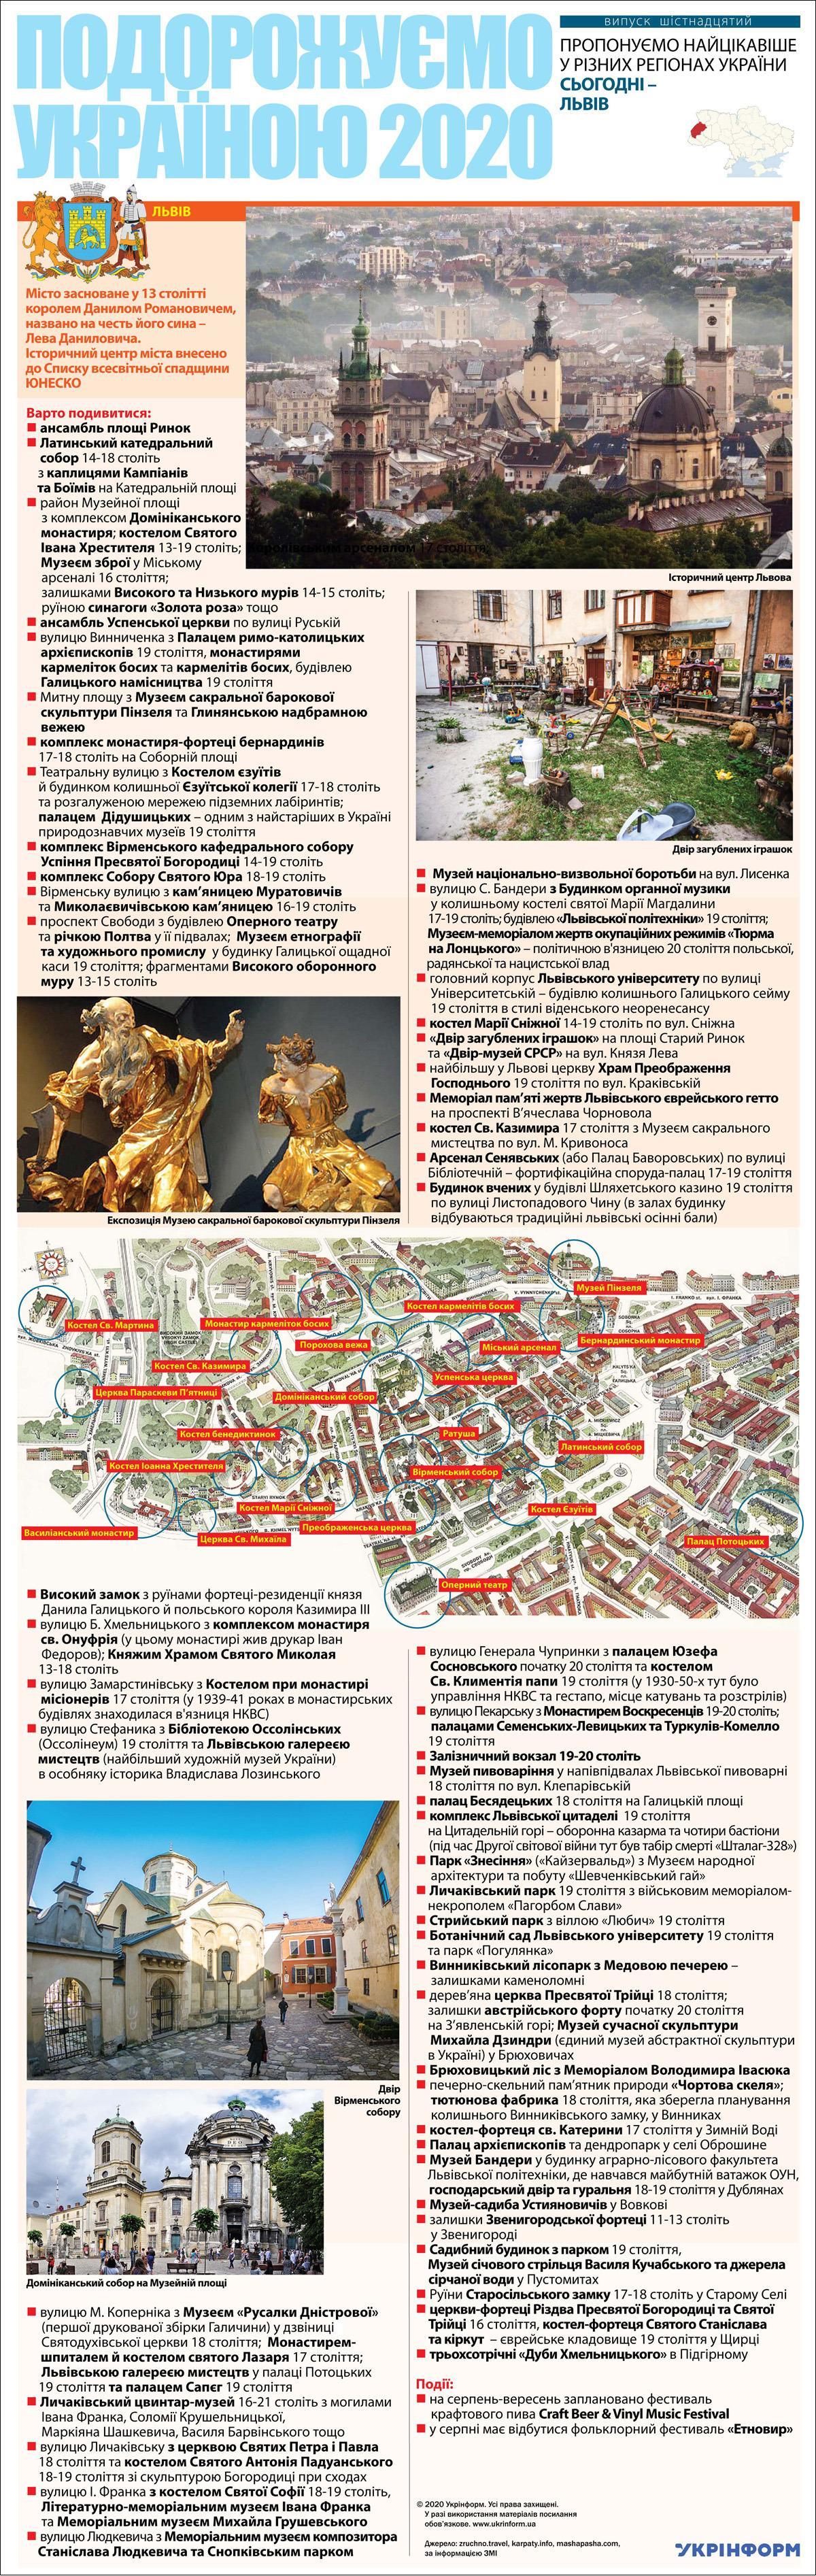 """Львів: туристична мапа """"Подорожуємо Україною"""""""